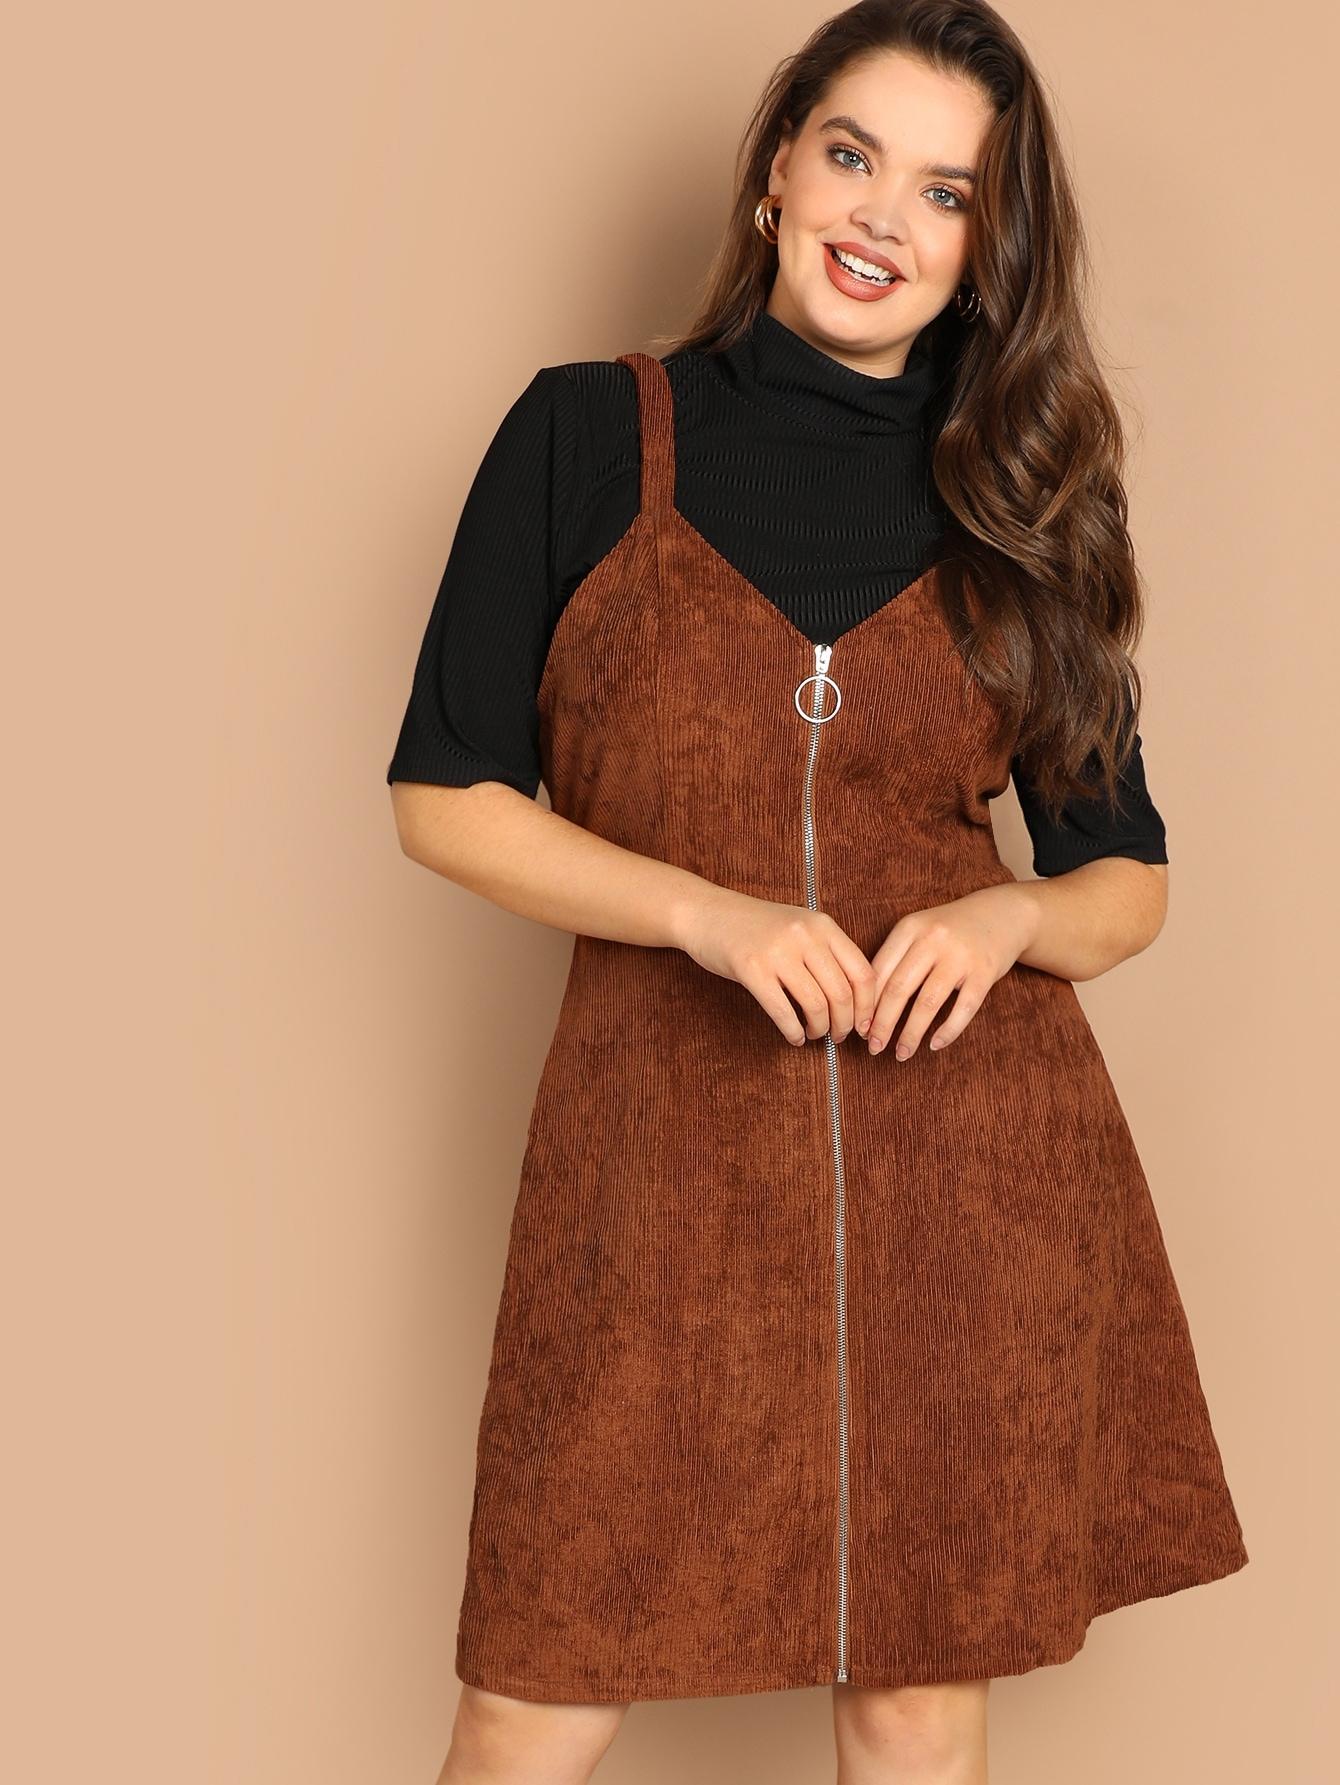 70s Cut Out Front Crisscross Dress Lryna